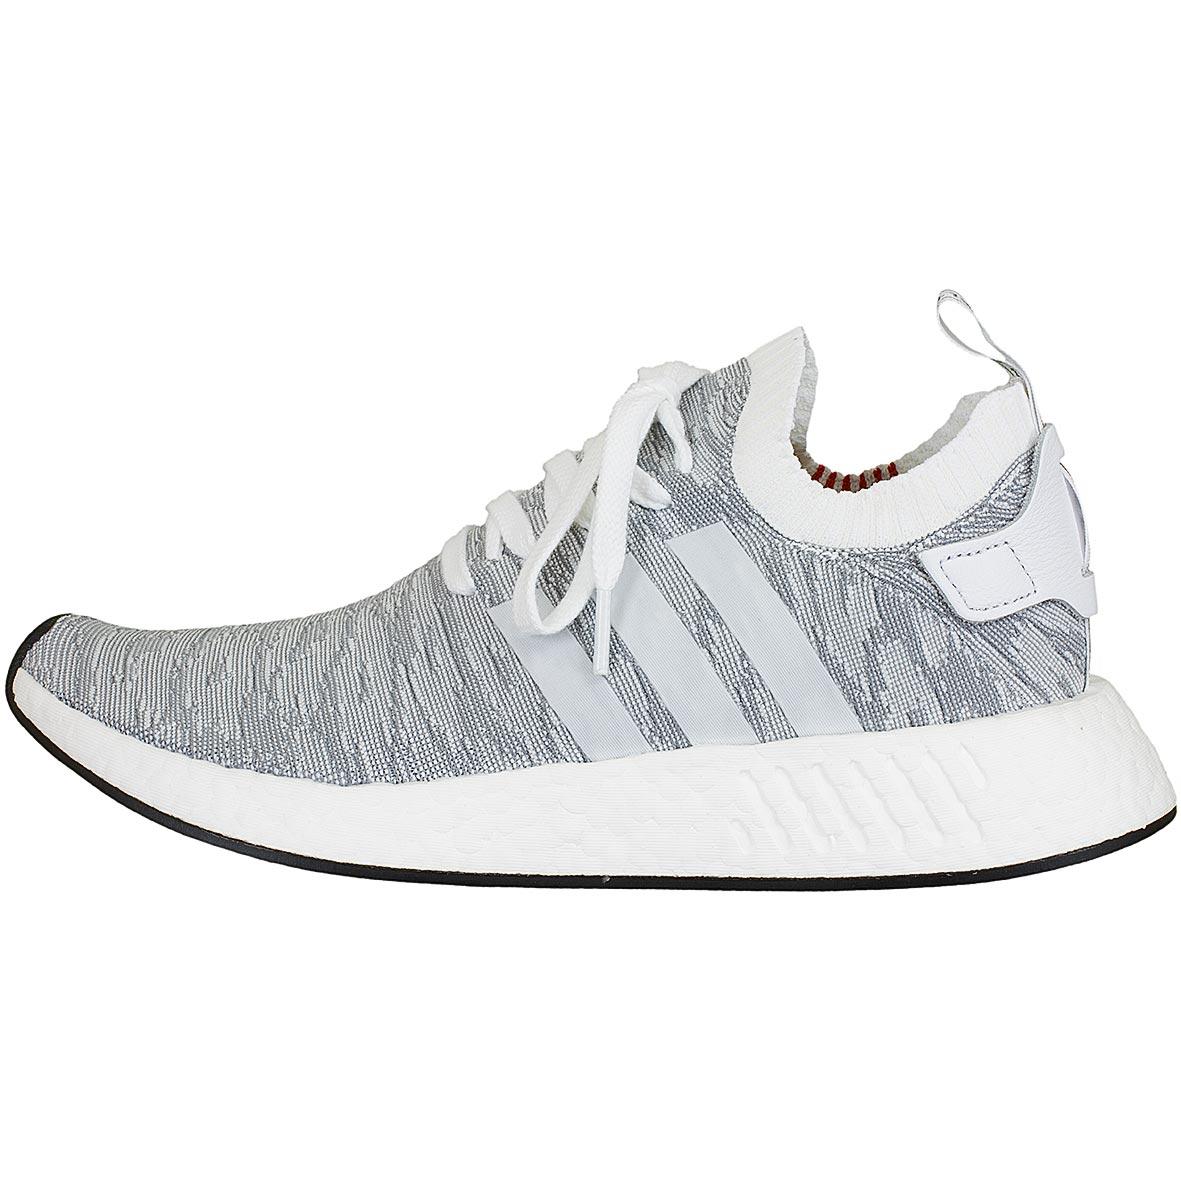 Adidas Originals Sneaker NMD R2 Primeknit weißschwarz